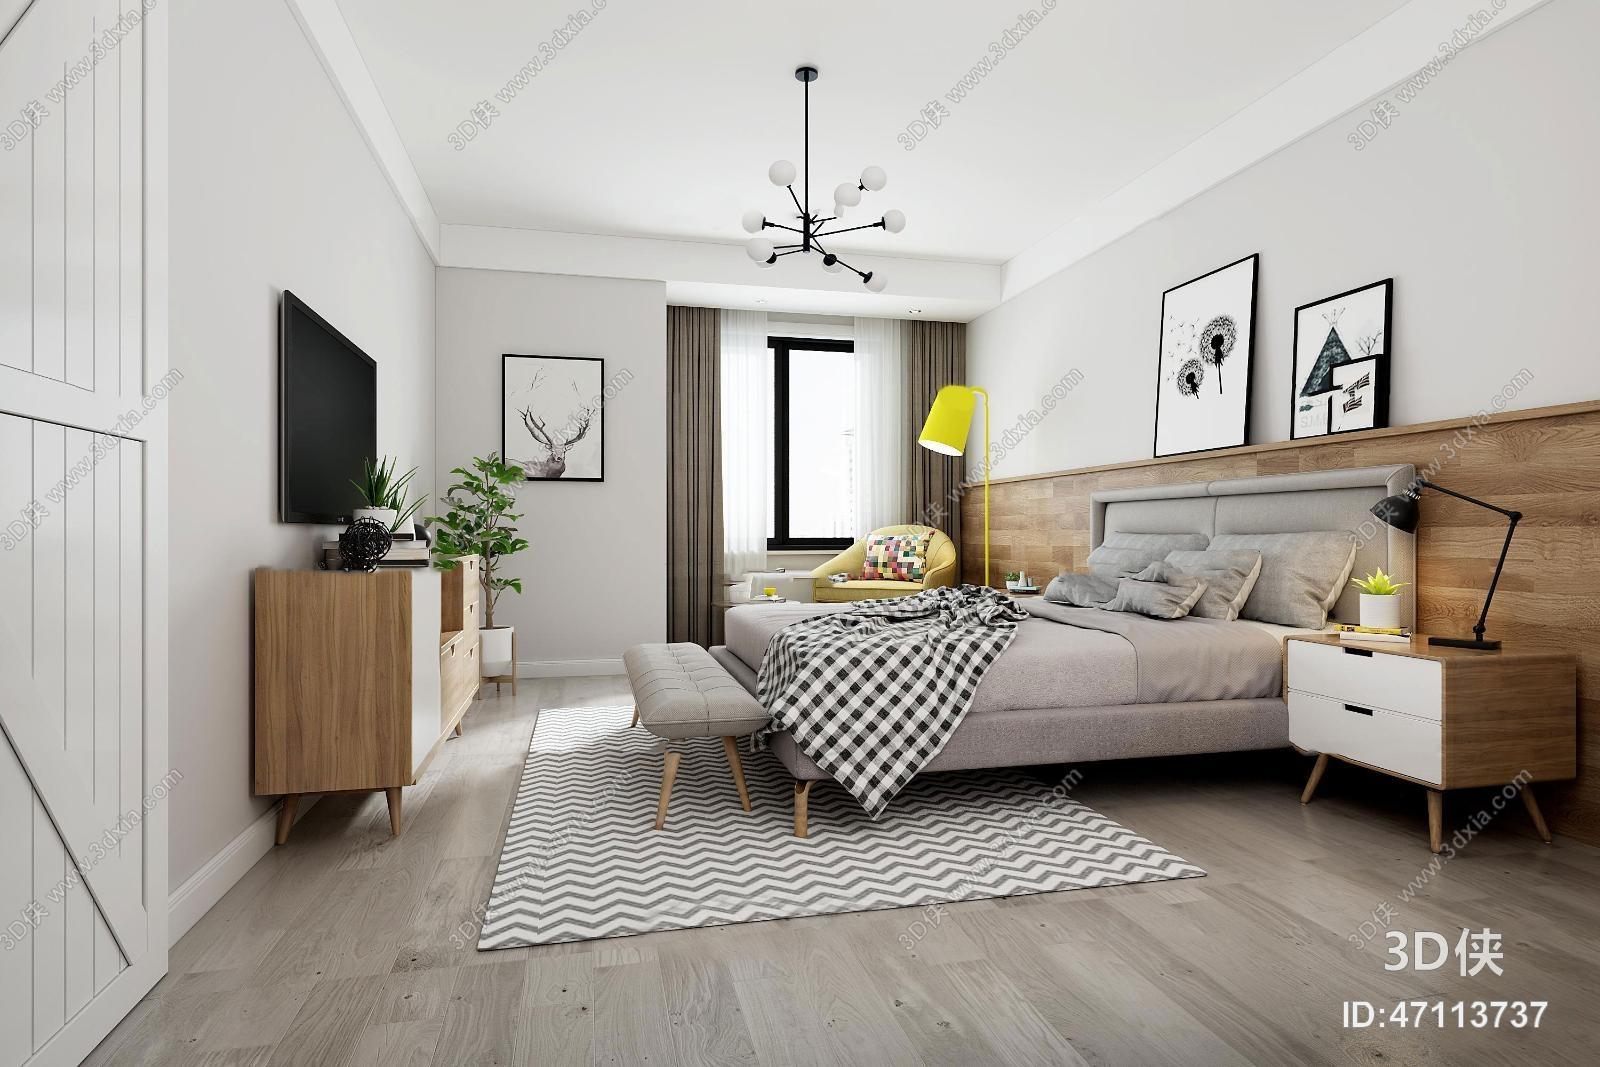 北欧卧室主人房3D模型